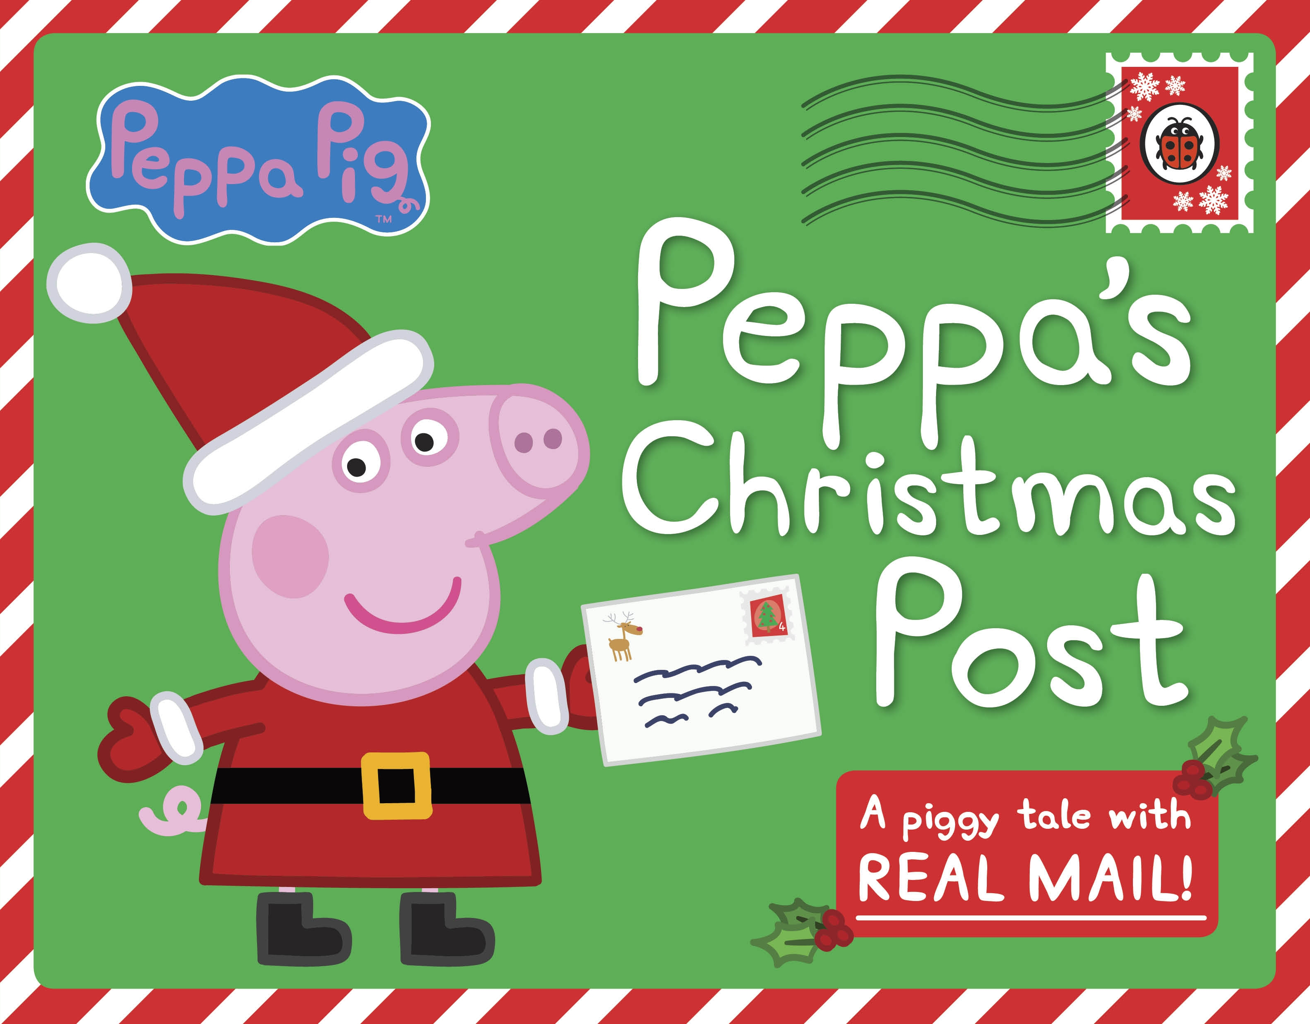 peppas-christmas-post